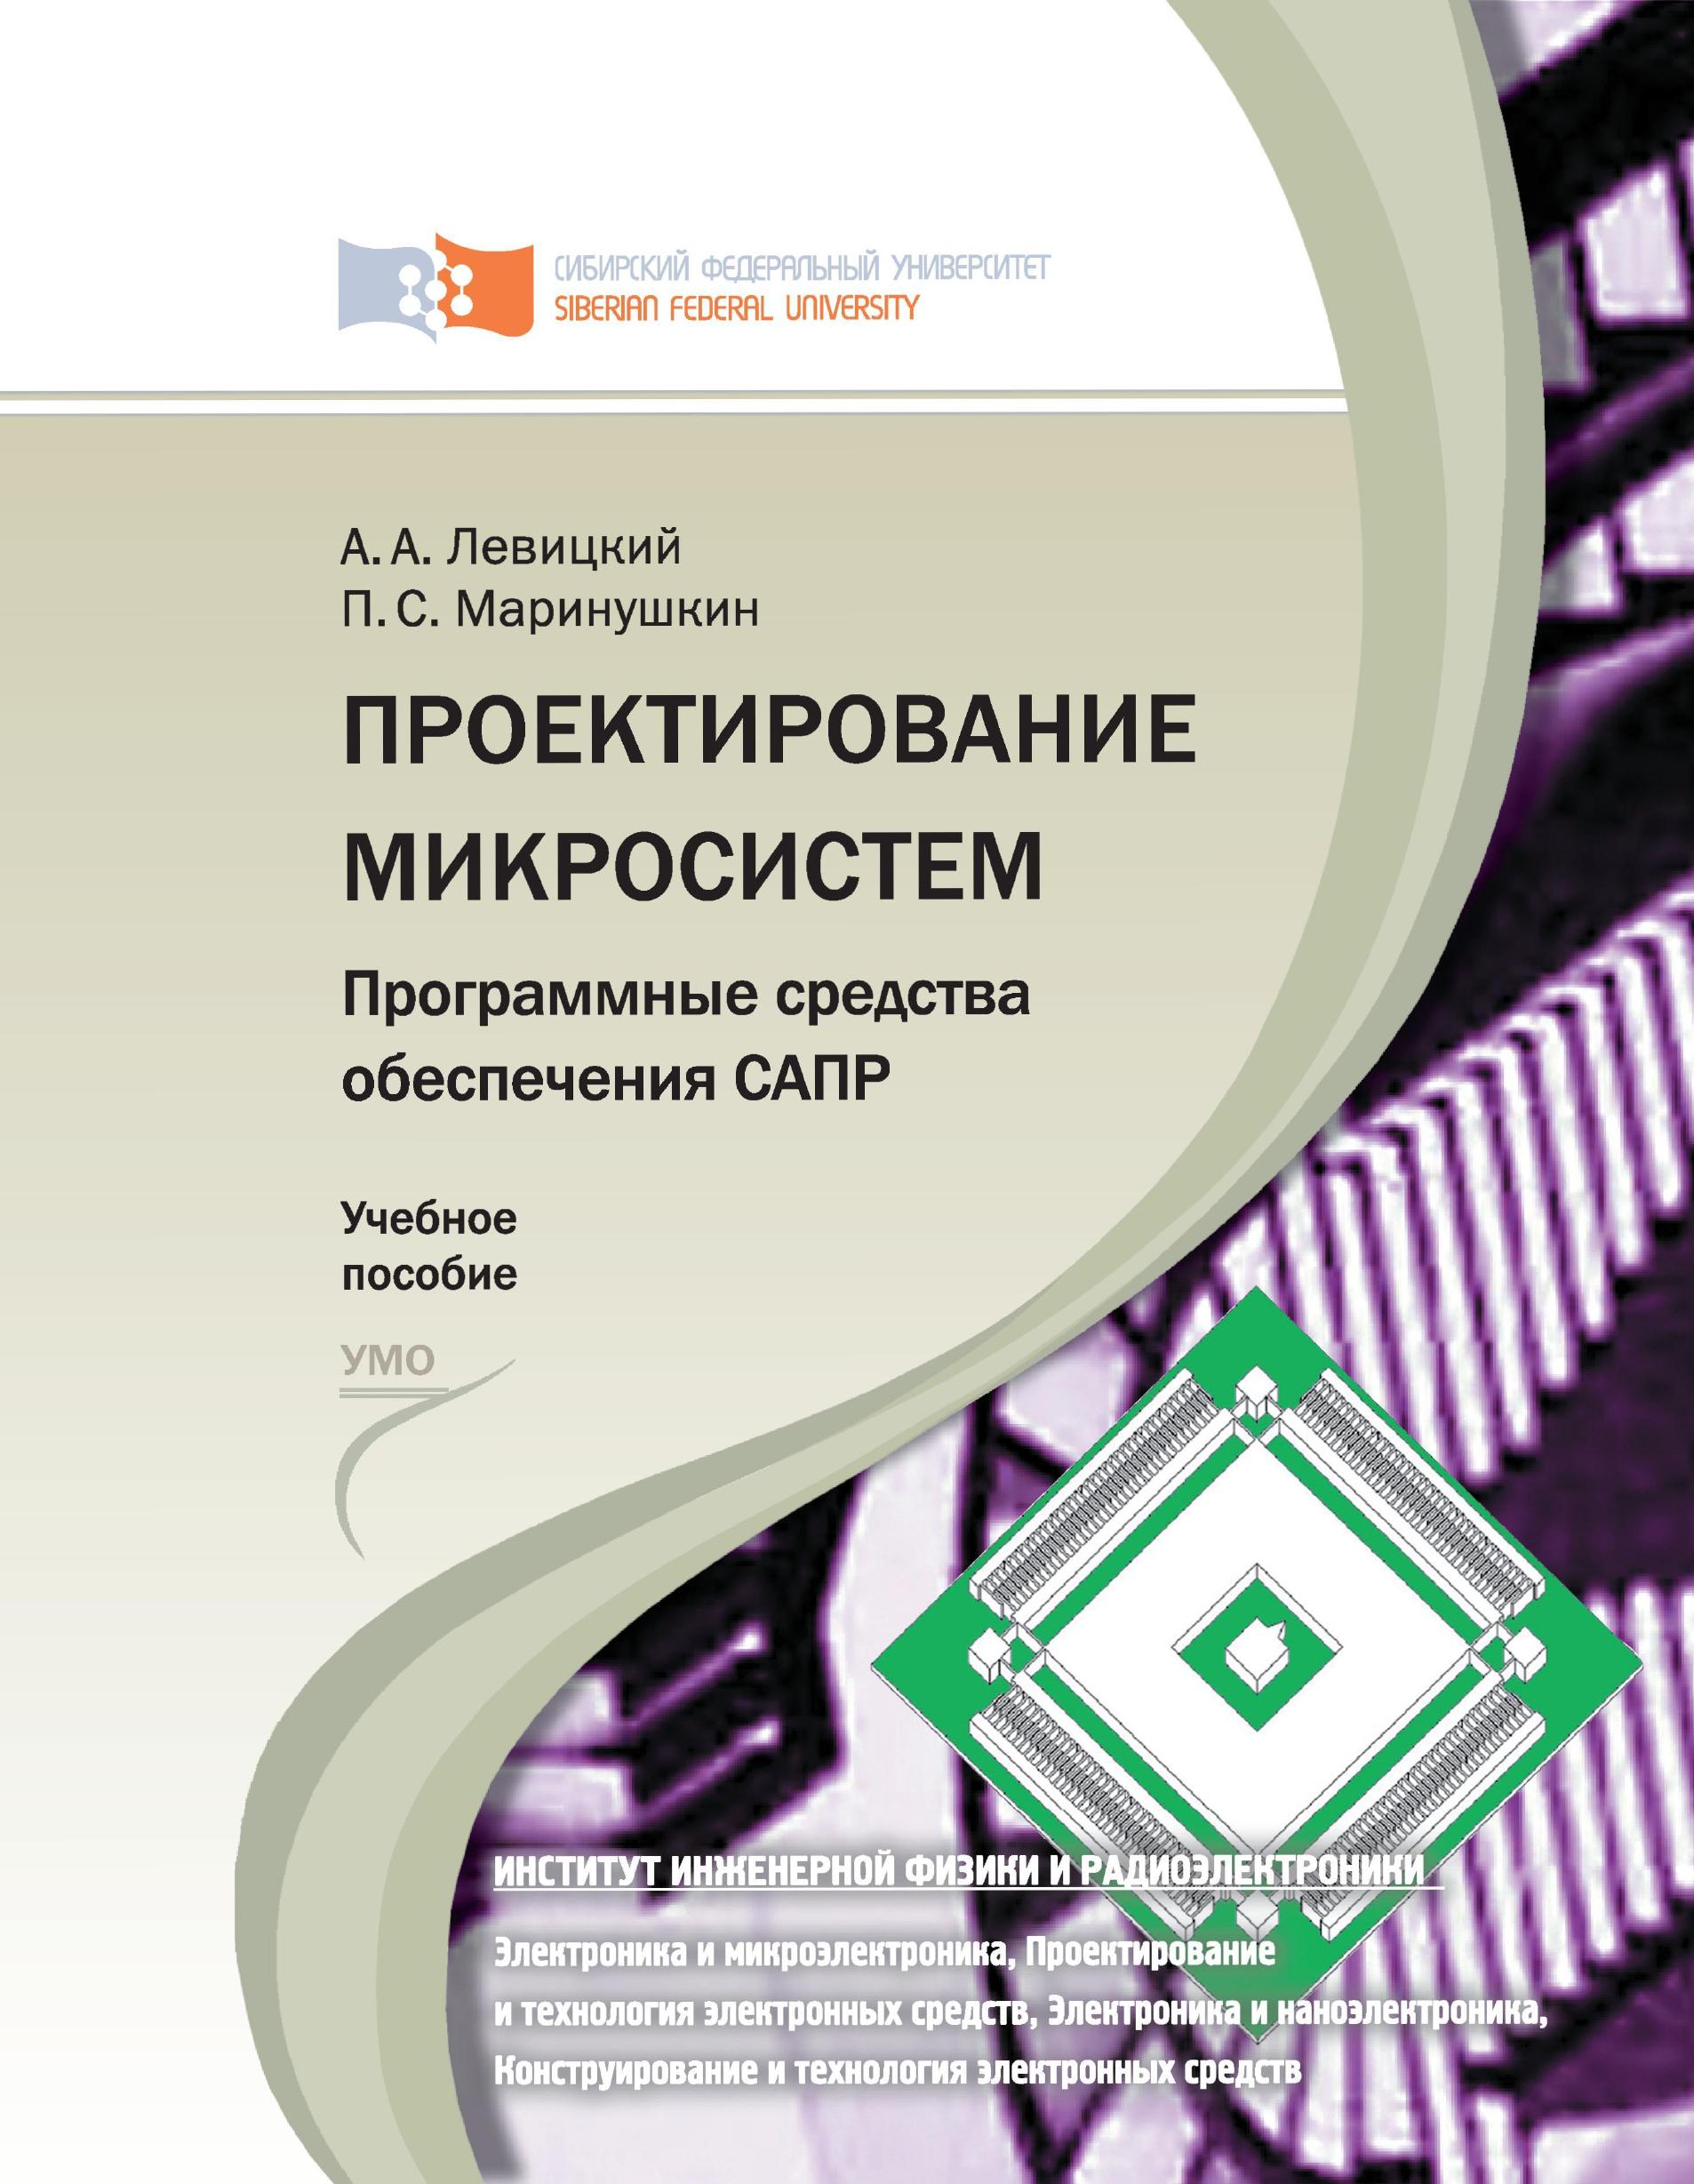 Павел Маринушкин Проектирование микросистем. Программные средства обеспечения САПР балашов е проектирование магнитных элементов и устройств электронных вычислительных машин